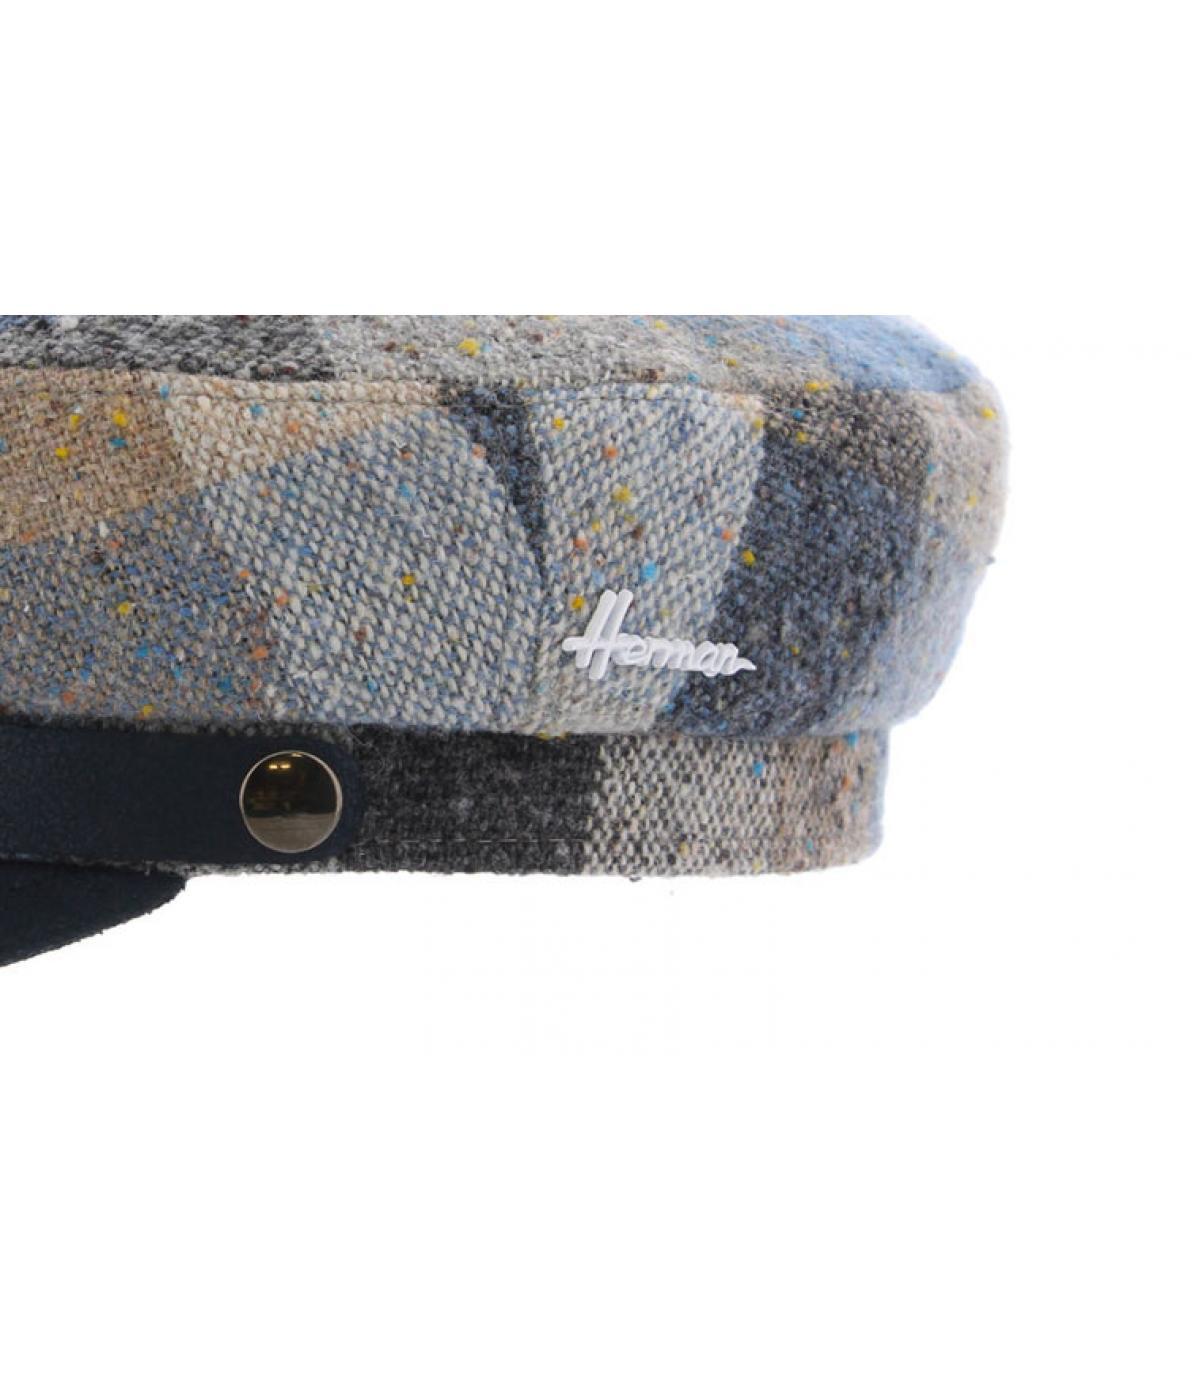 Dettagli Marins Wool blue - image 3